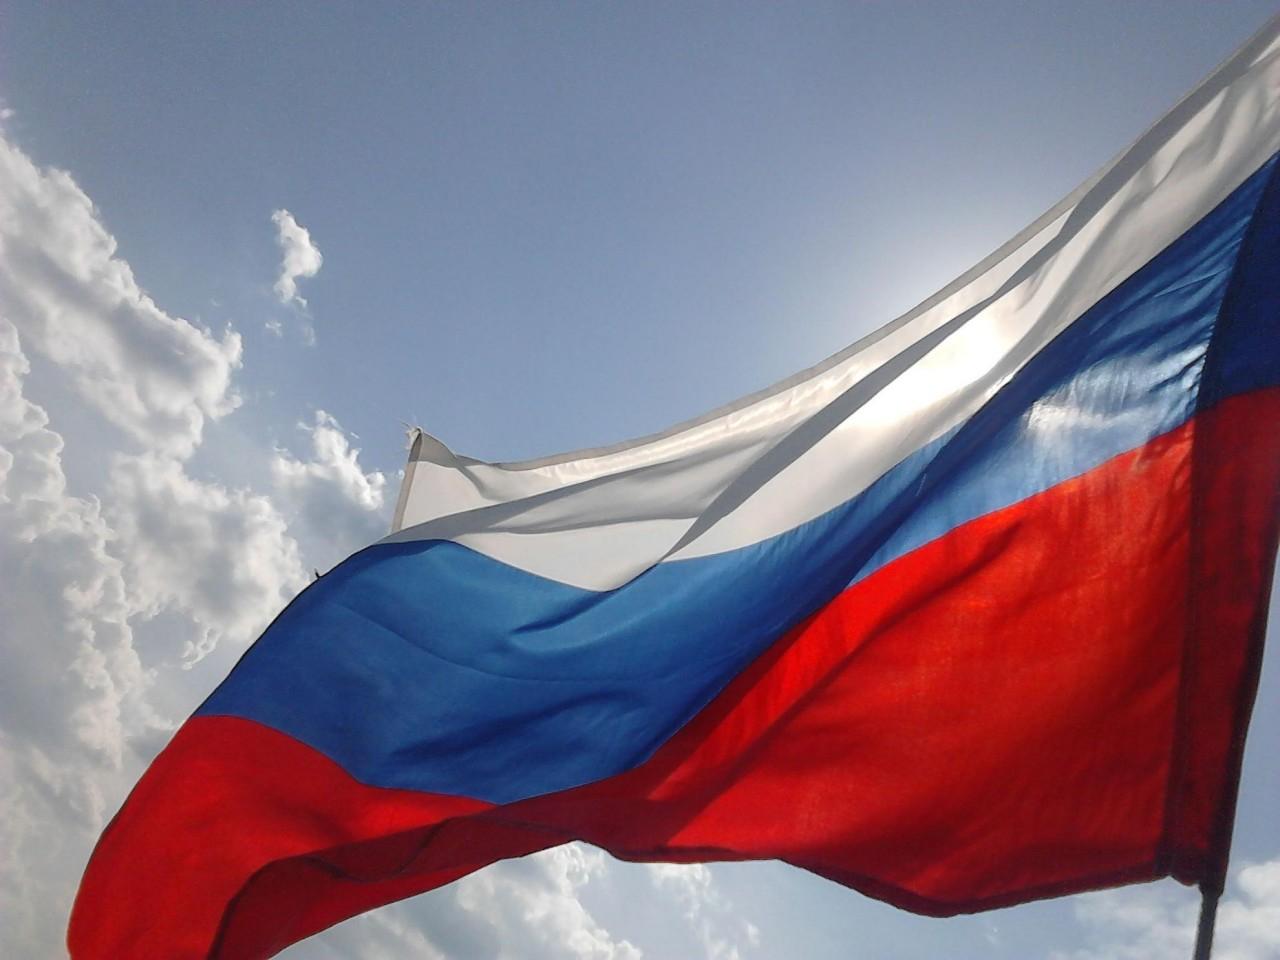 Картинки триколор флаг, субботнее утро